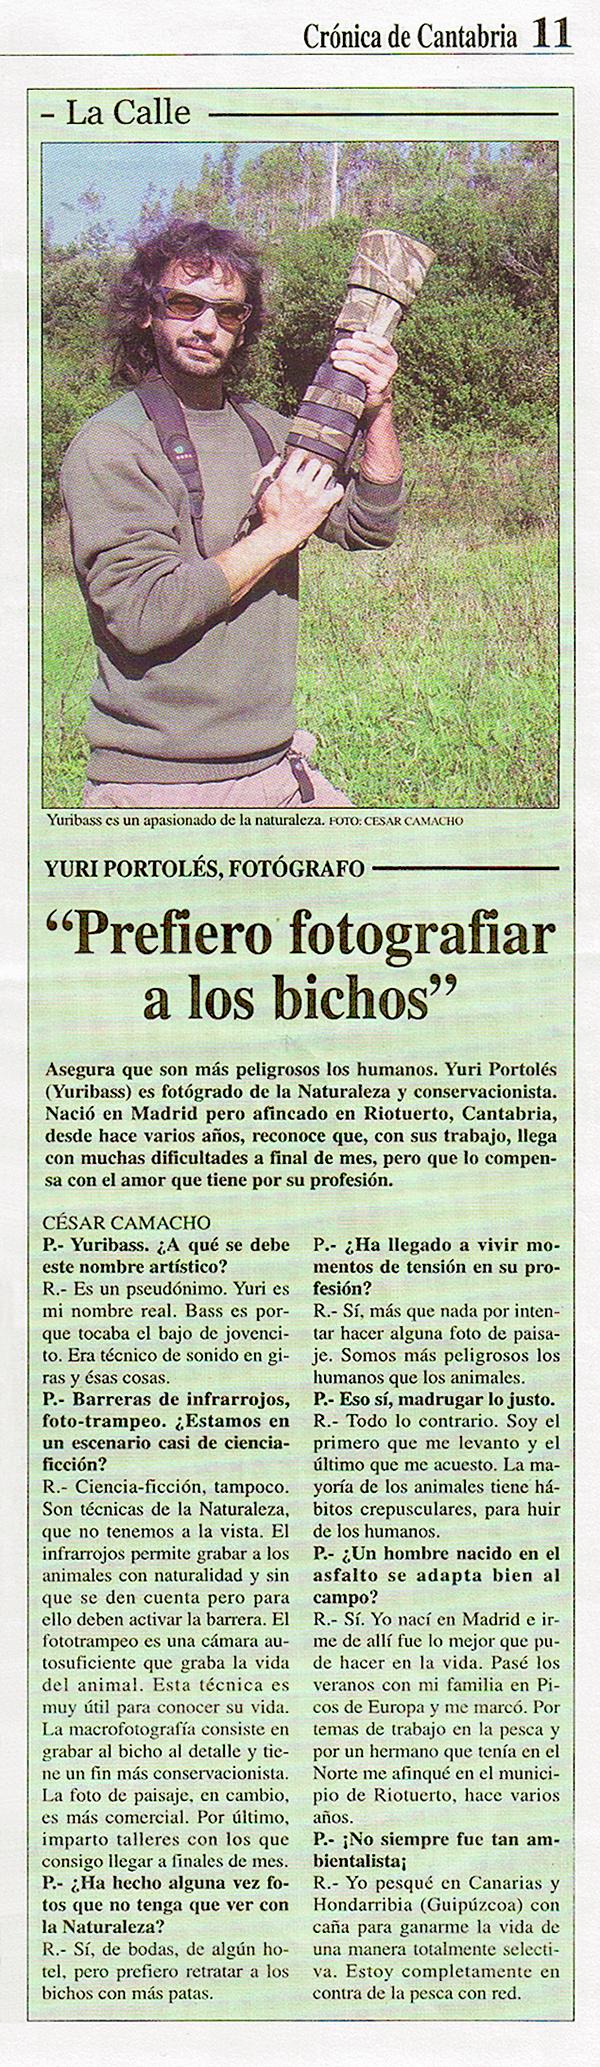 Entrevista Crónica Cantabria